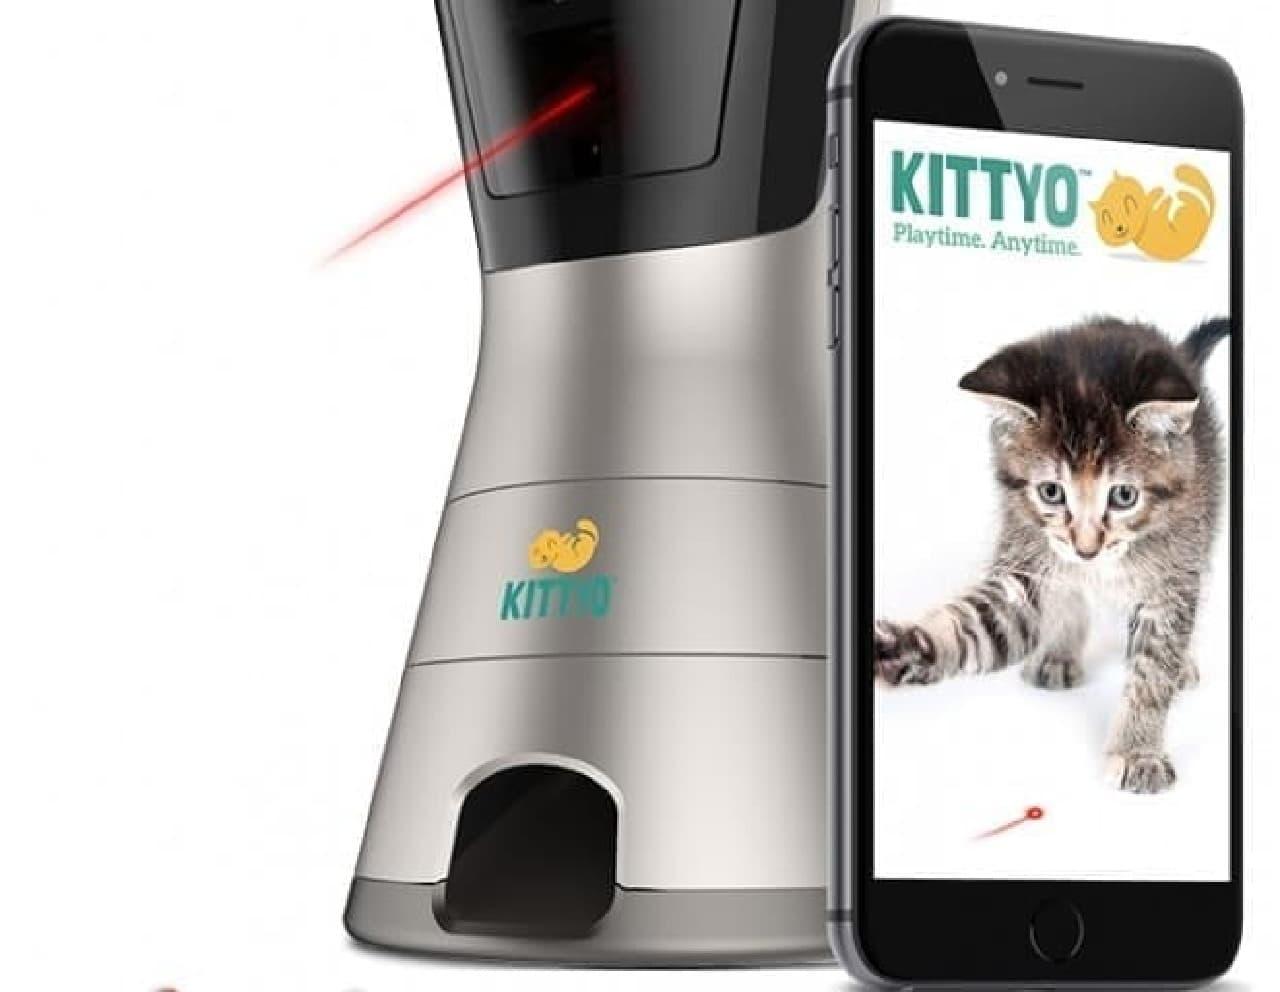 「KITTYO」レーザー機能